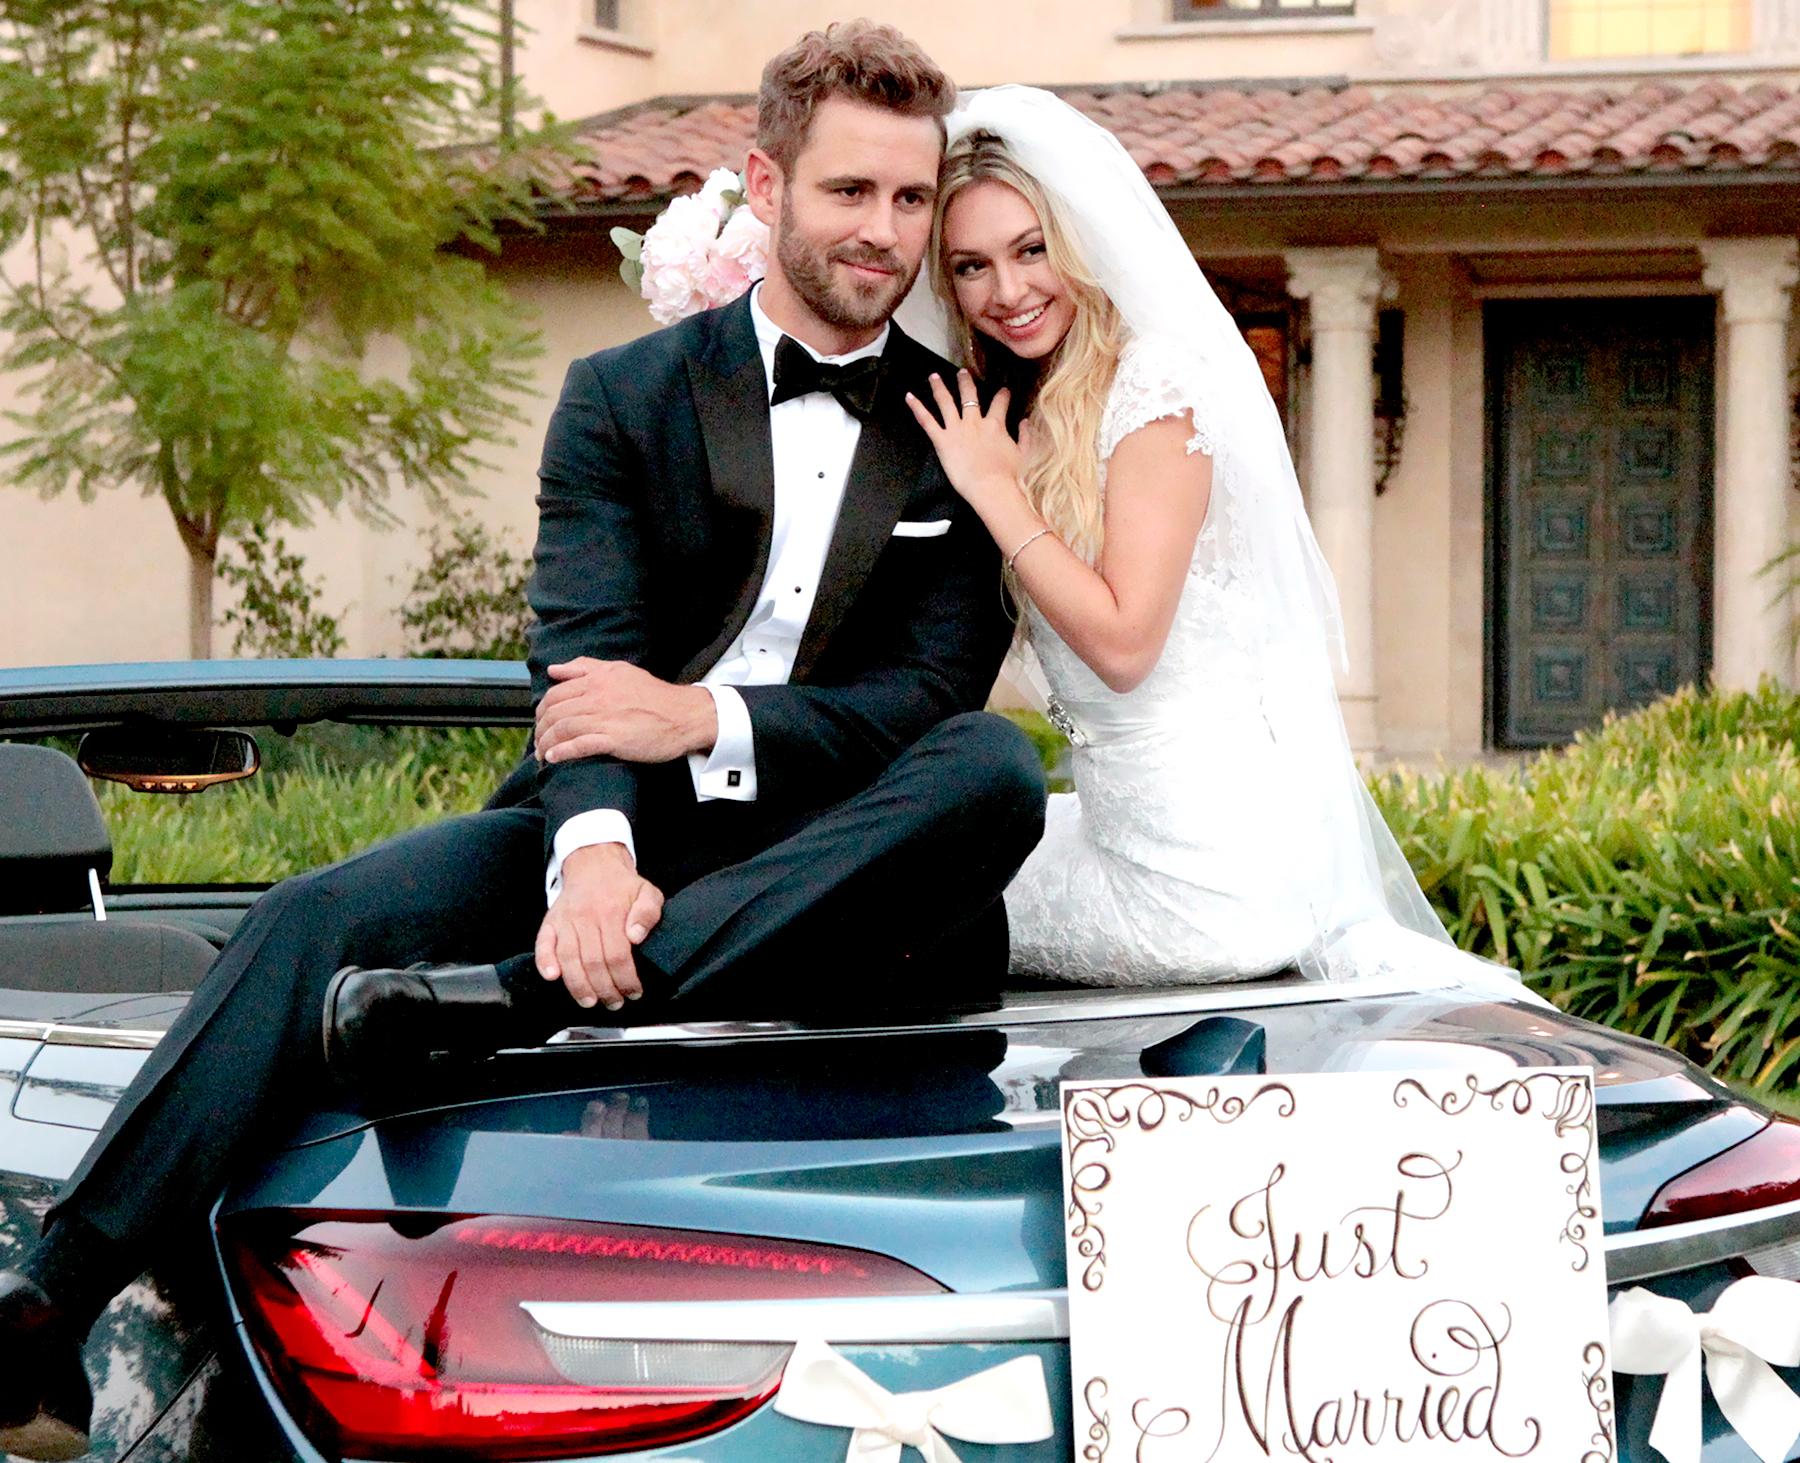 Corinne and Nick Viall on 'The Bachelor'